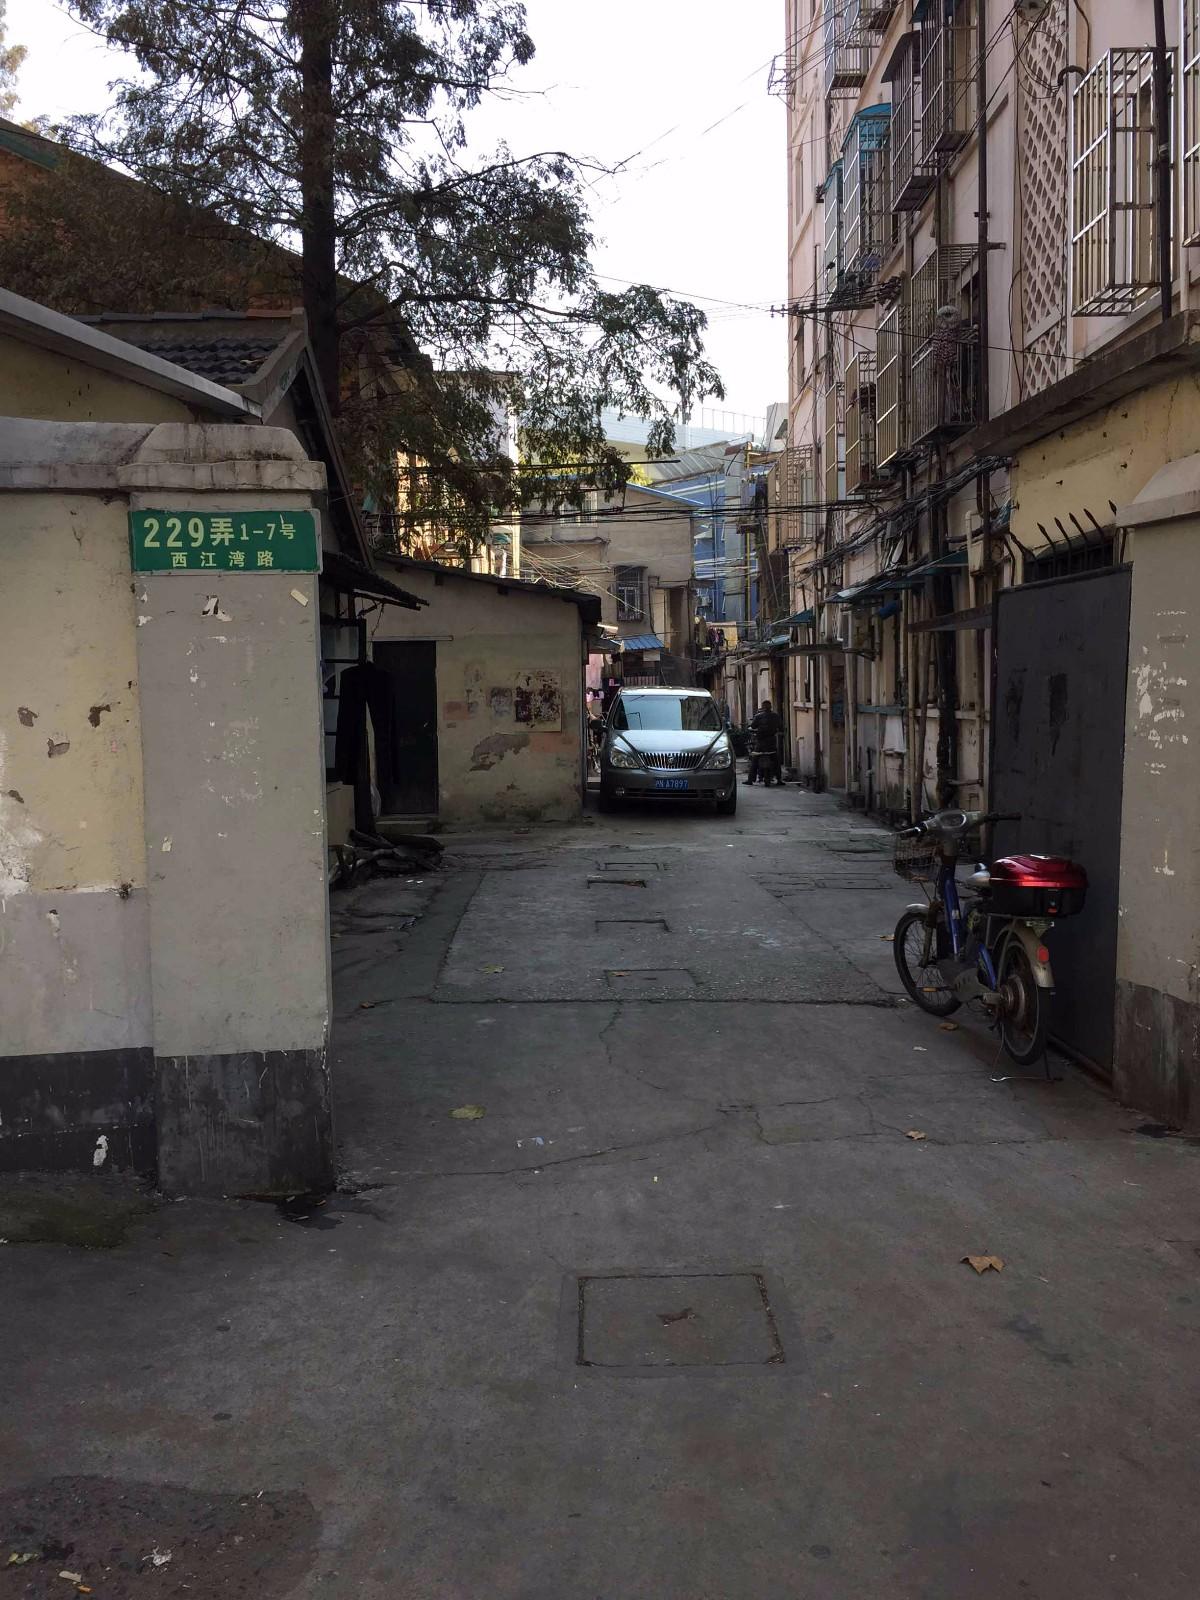 西江湾路229弄属部队房产,所以,至今未拆迁。走进去,依旧可见三十年前的旧貌。(配于《229弄》一章中).JPG